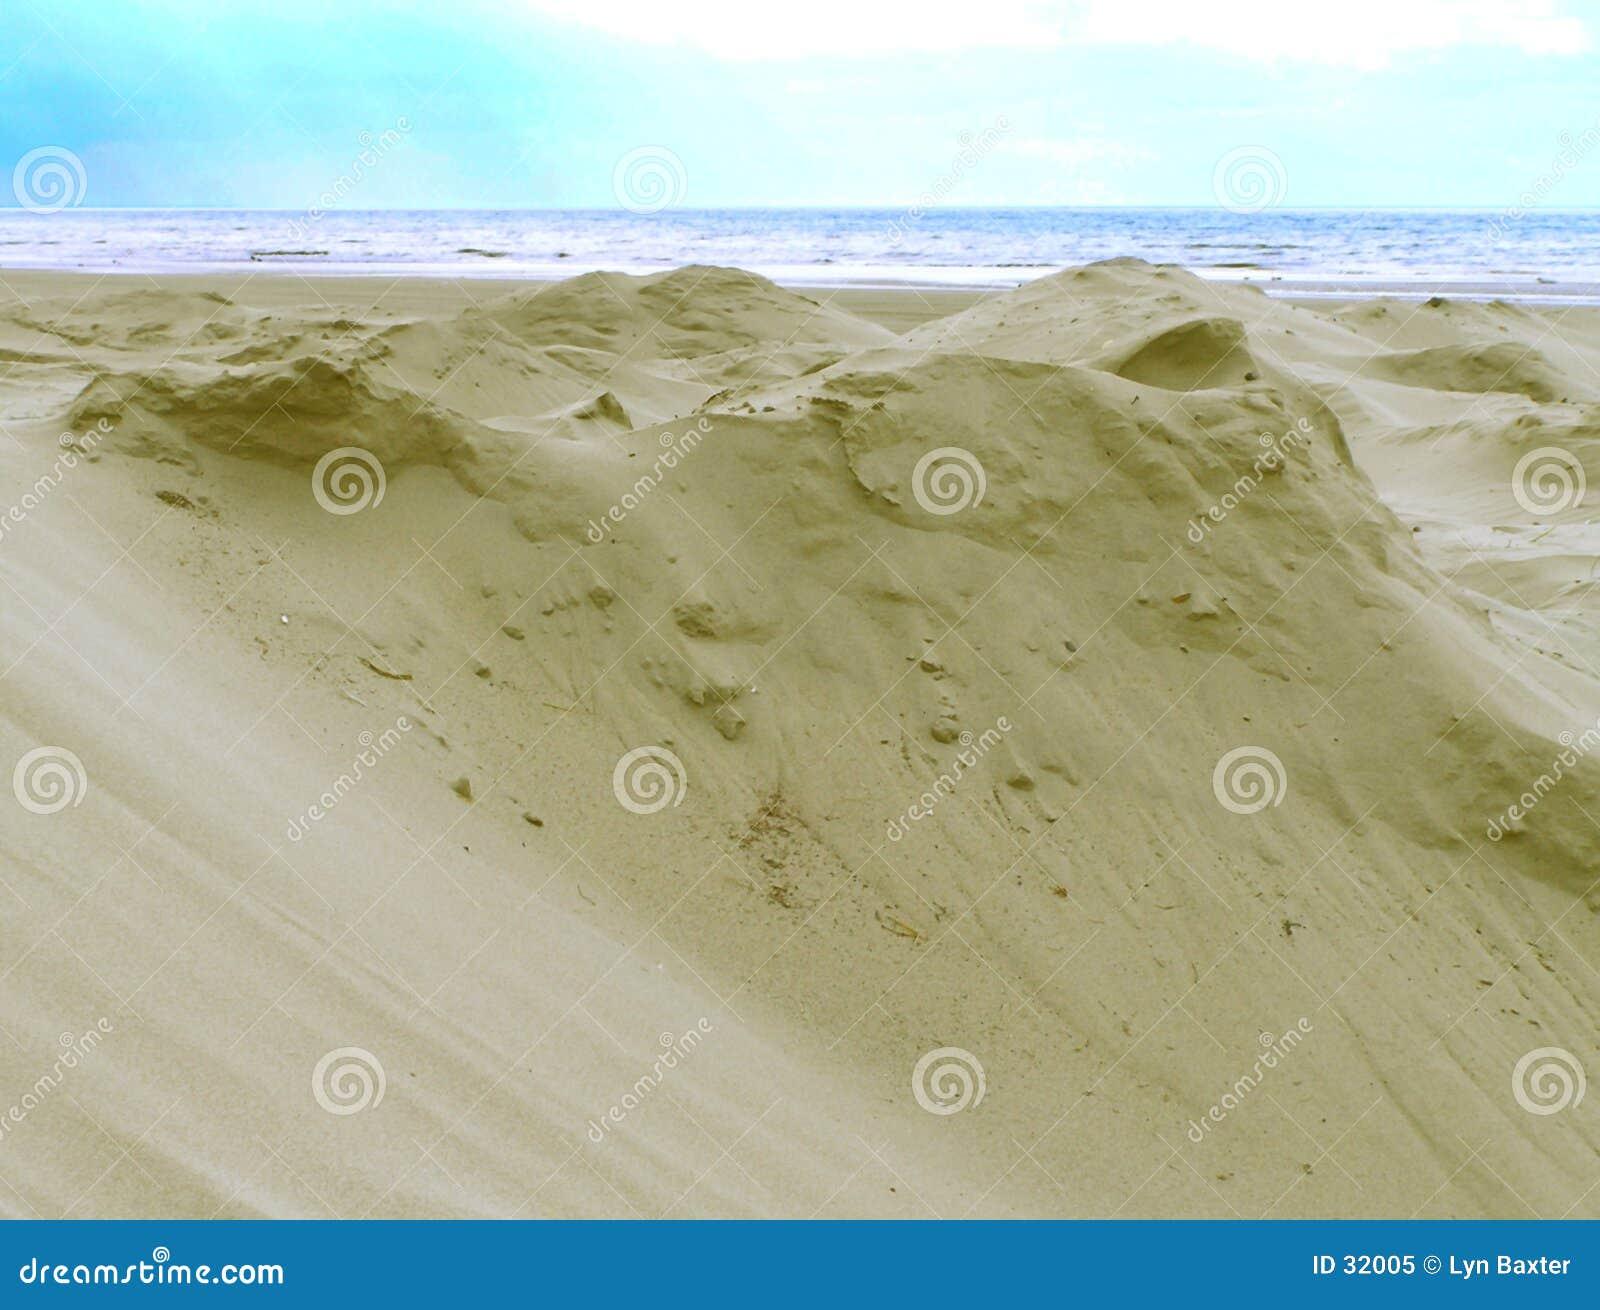 Die Wüsten-Sande